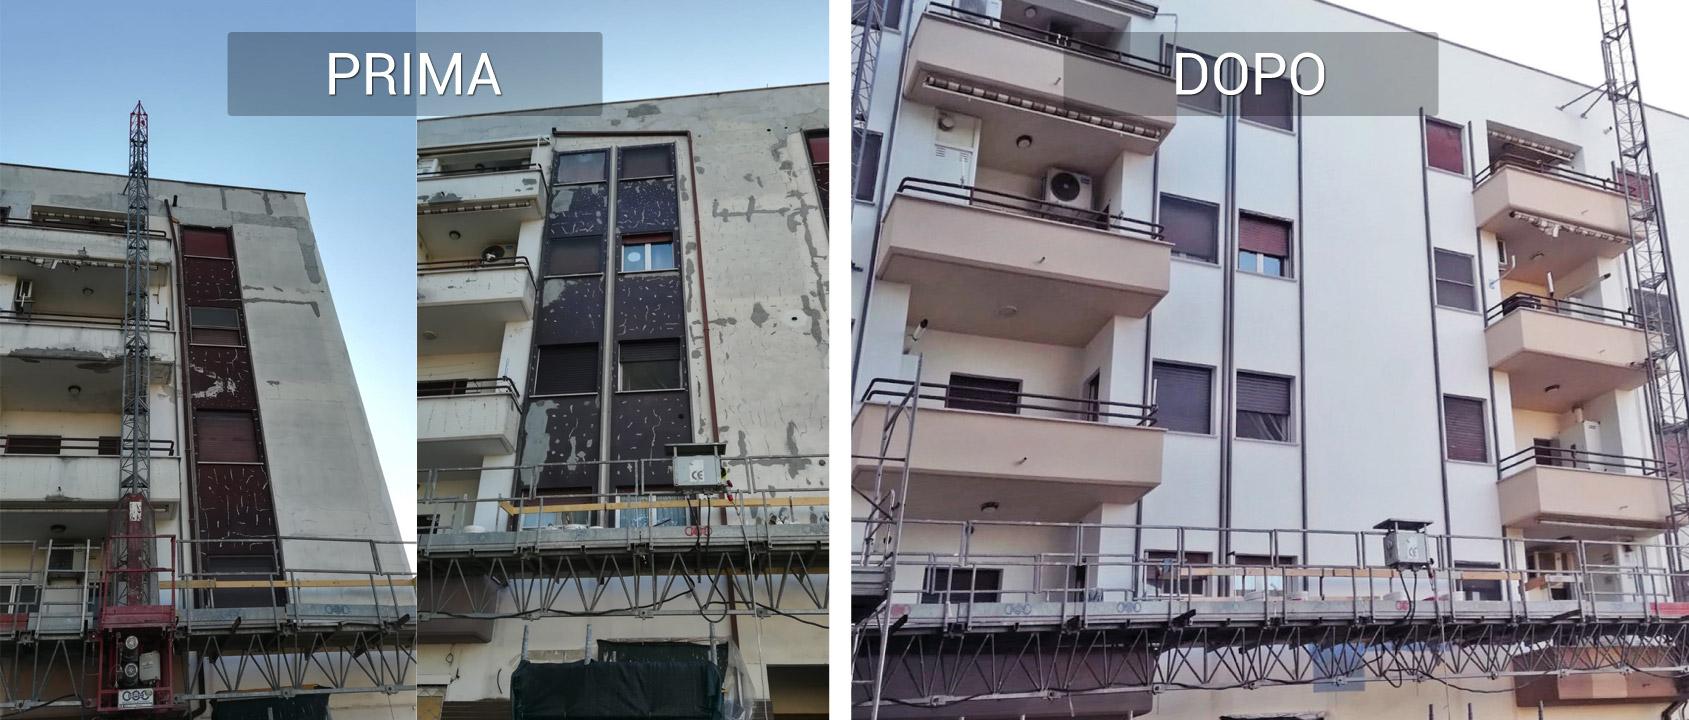 manutenzione-condomini-ristrutturazione-edili-latina-edil-leggeri-2